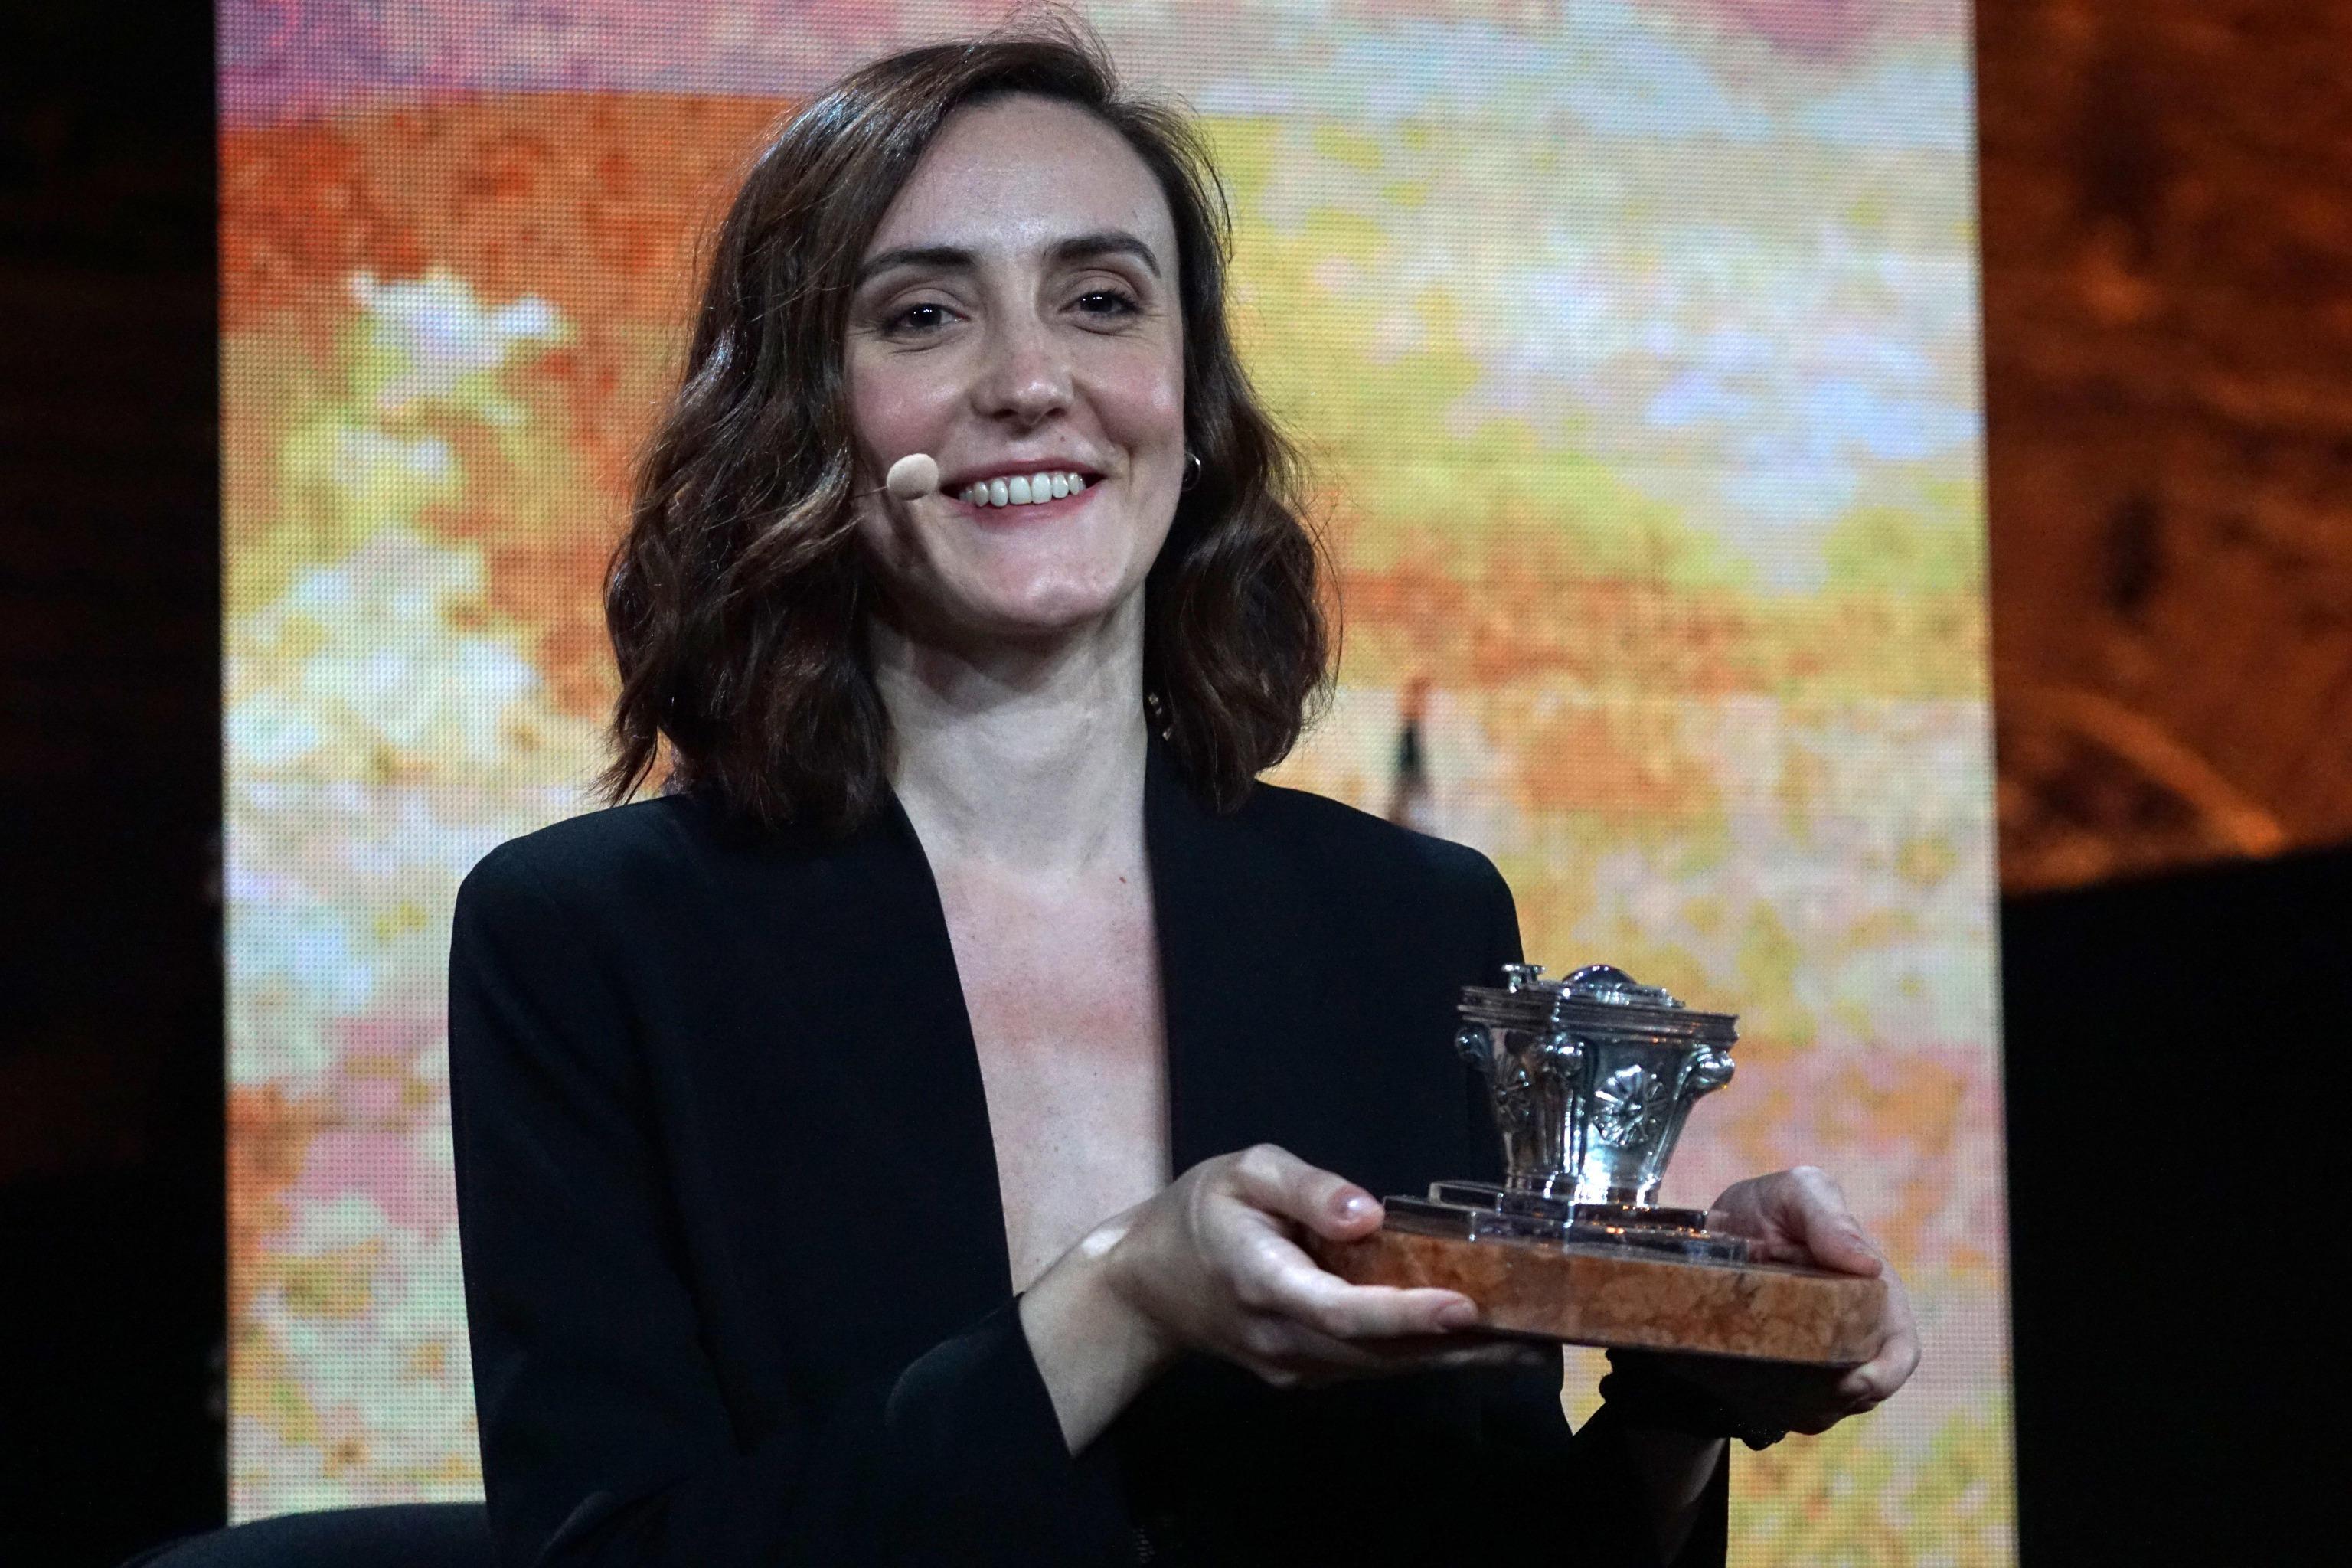 Giulia Caminito che ha vinto la 59/ma edizione del Premio Campiello con 'L'acqua del lago non è mai dolce' (Bompiani). La scrittrice ha avuto 99 voti sui 270 arrivati dalla Giuria Popolare di trecento lettori anonimi, all'Arsenale di Venezia, 04 settembre 2021. ANSA/ANDREA MEROLA